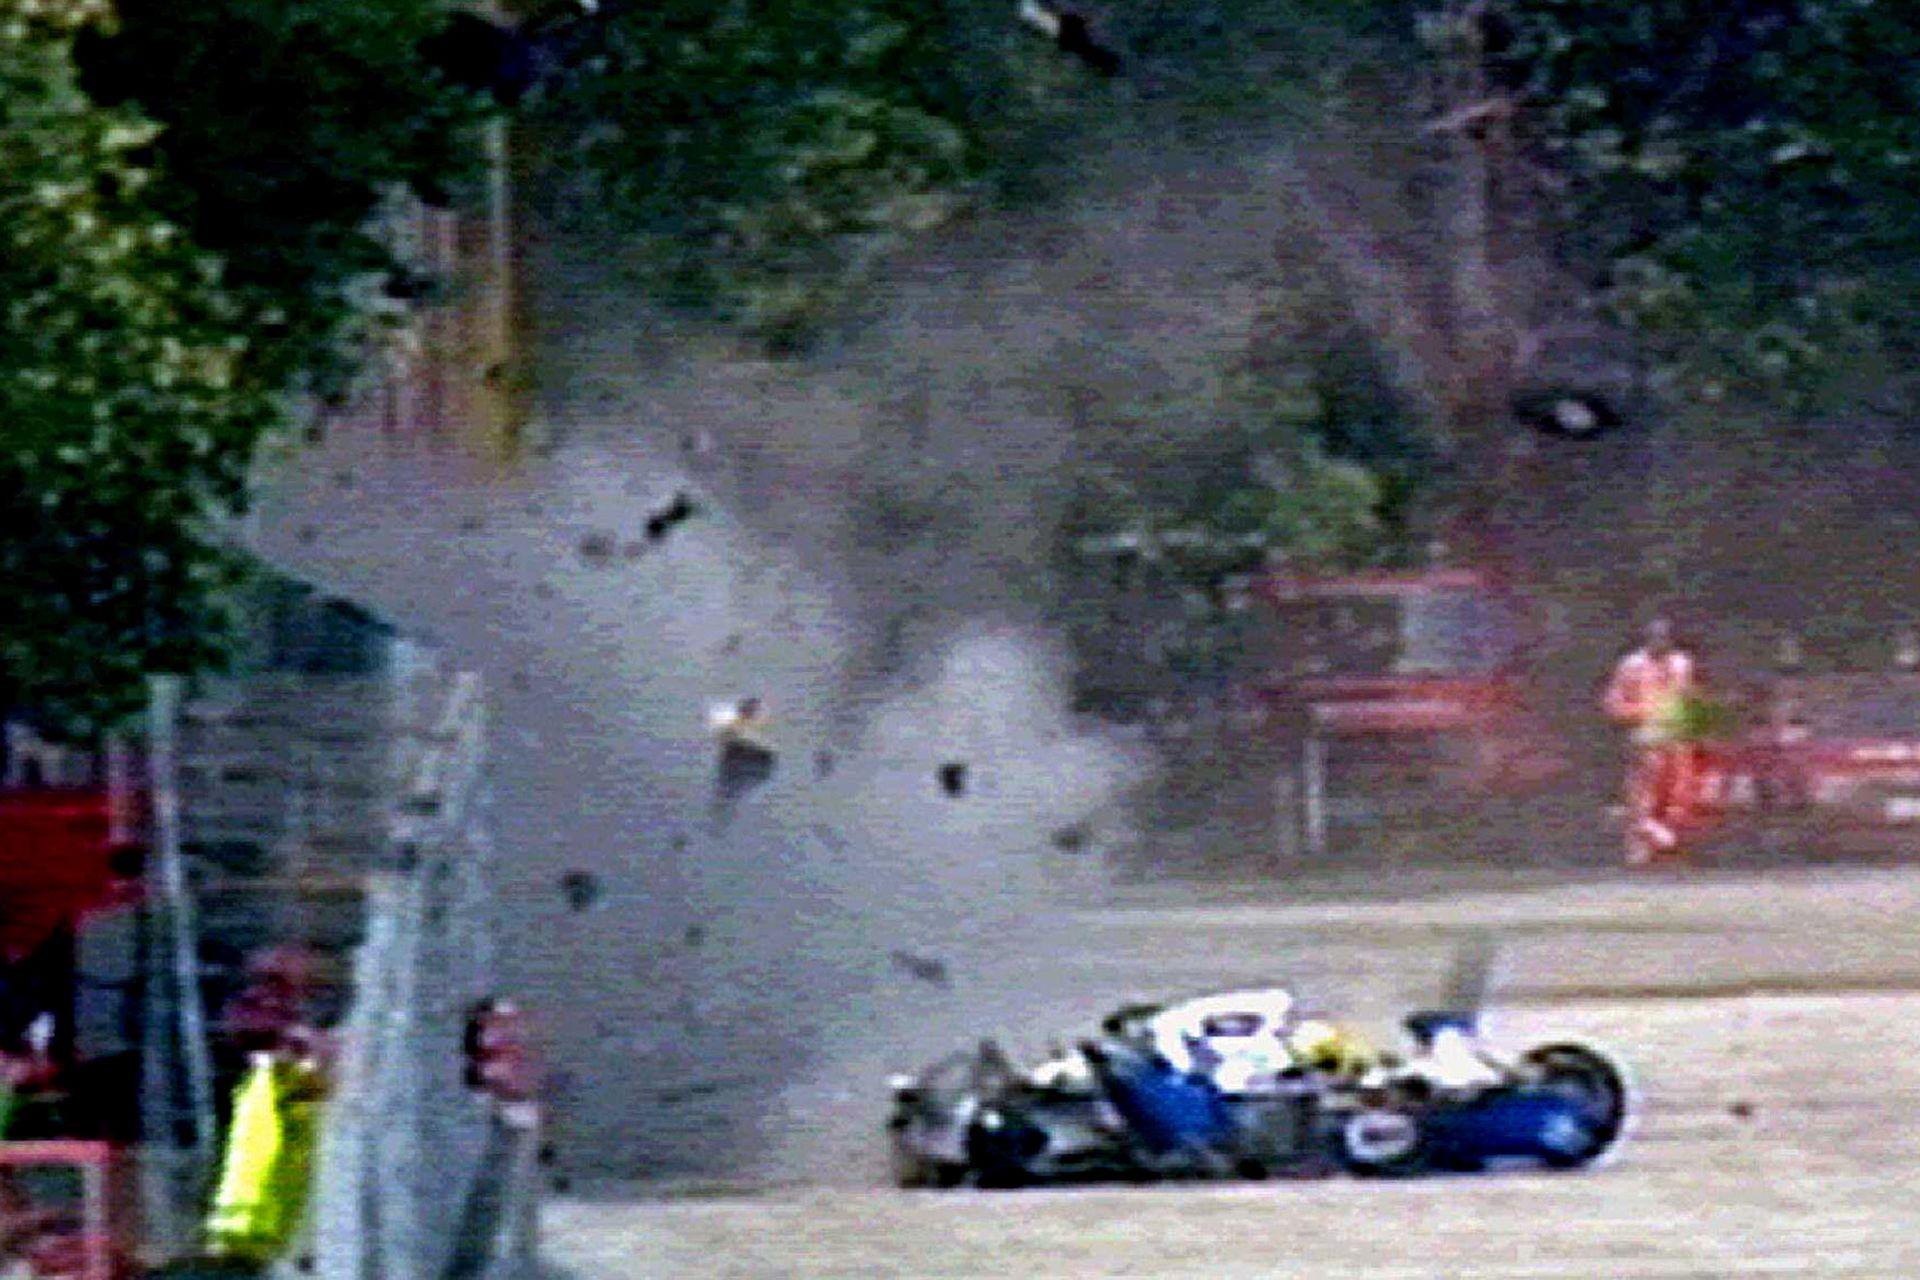 Restos del automóvil Williams-Renault salen despedidos por el aire, luego de que el brasileño se estrellara a gran velocidad en la séptima vuelta del Gran Premio de San Marino. Senna murió como resultado de las heridas provocadas por el impacto, el 1 de mayo de 1994